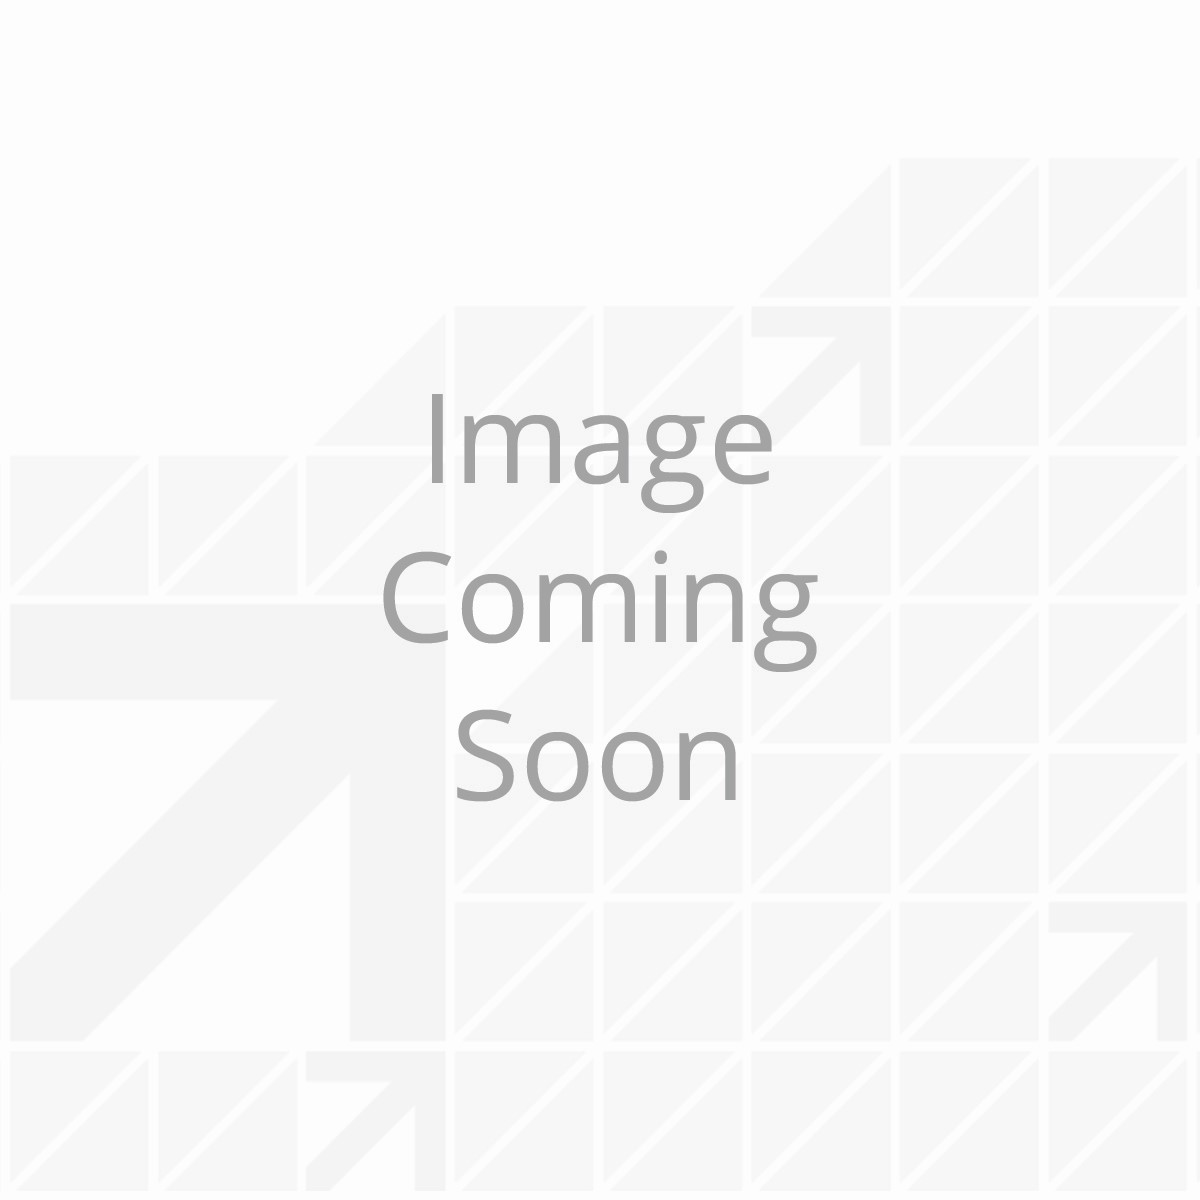 Friction Hinge Kit For Lippert™ Entry Doors - Black